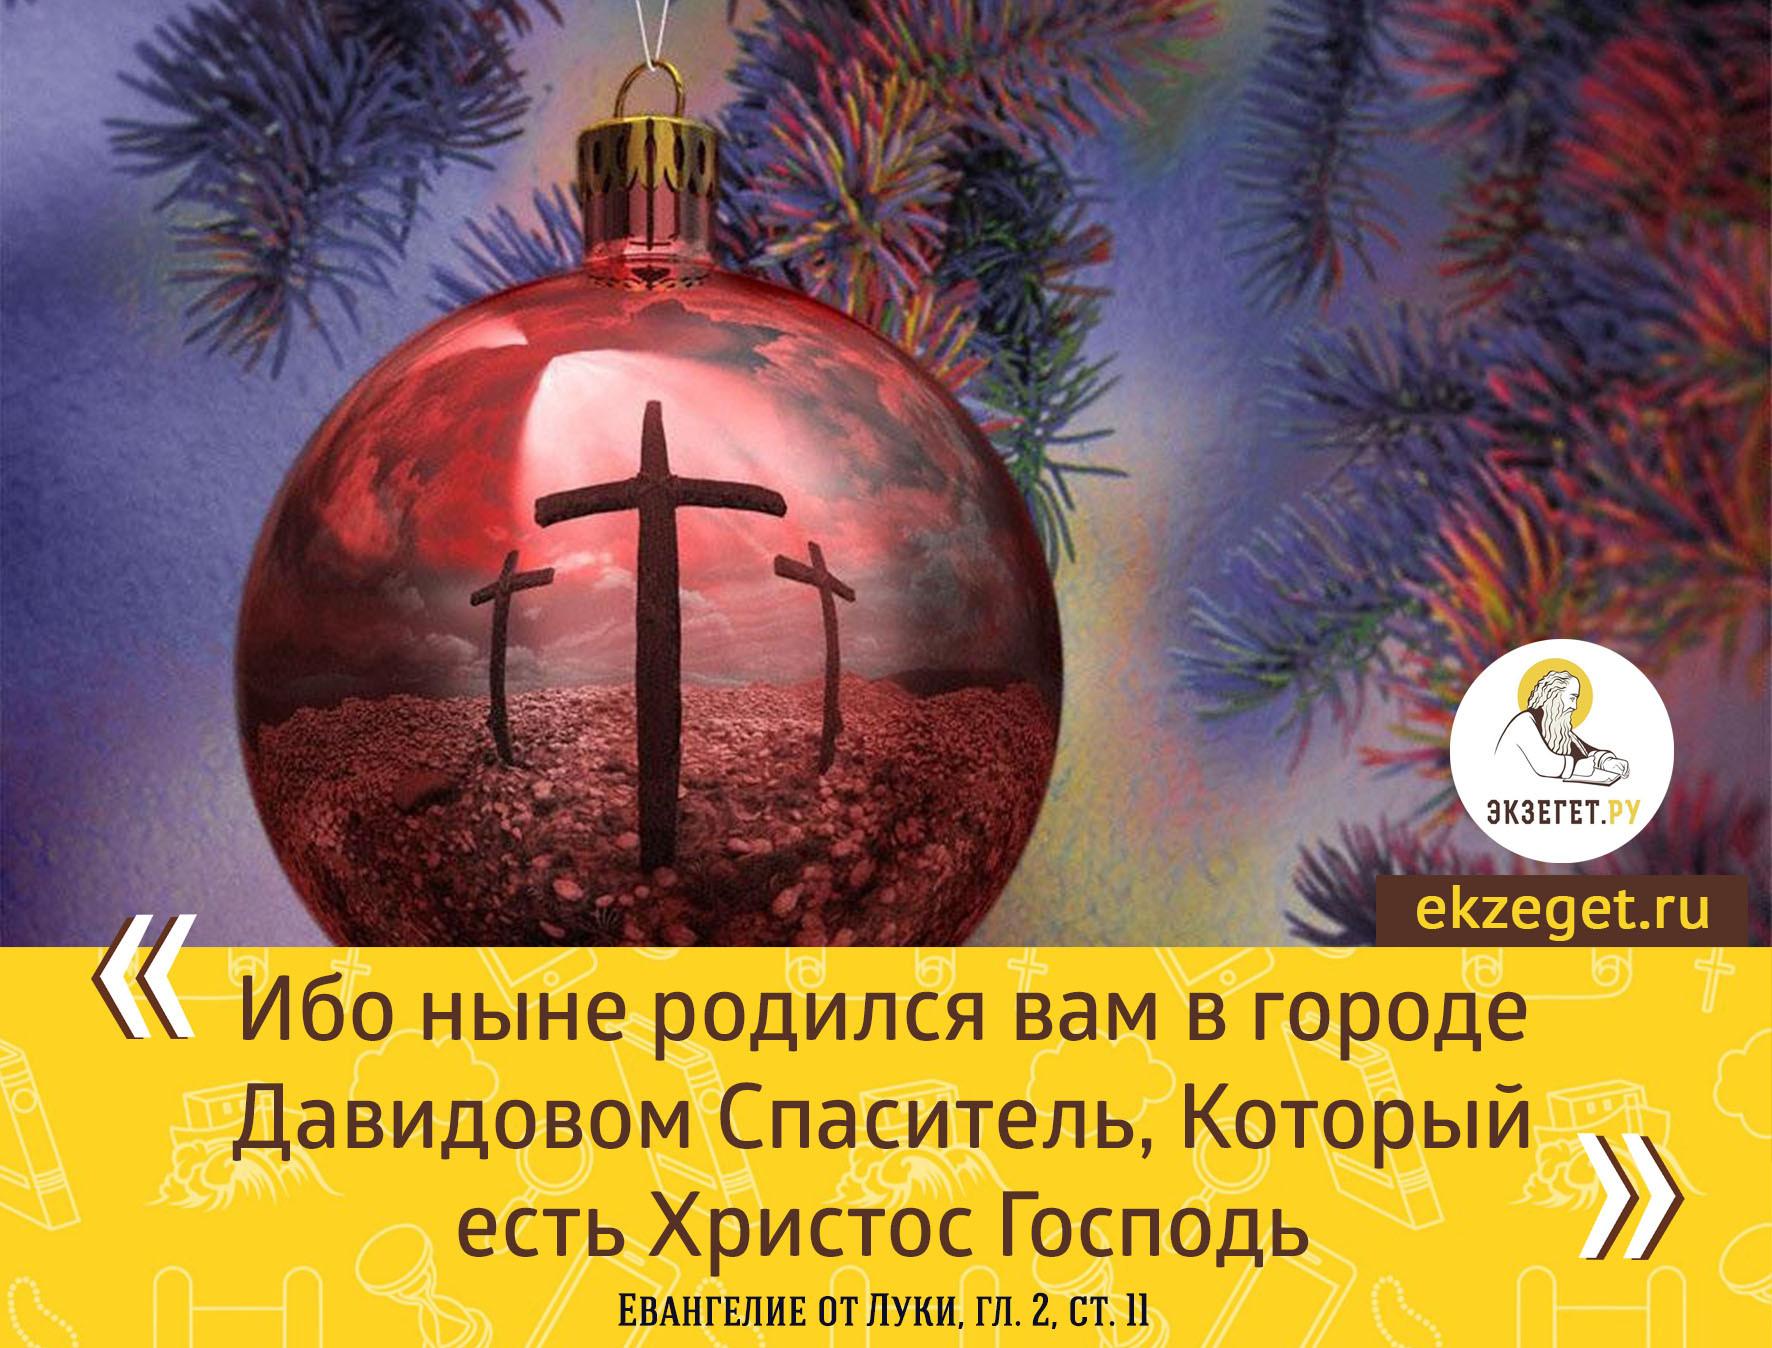 Лк. 2:11 ибо ныне родился вам в городе Давидовом Спаситель, Который есть Христос Господь;